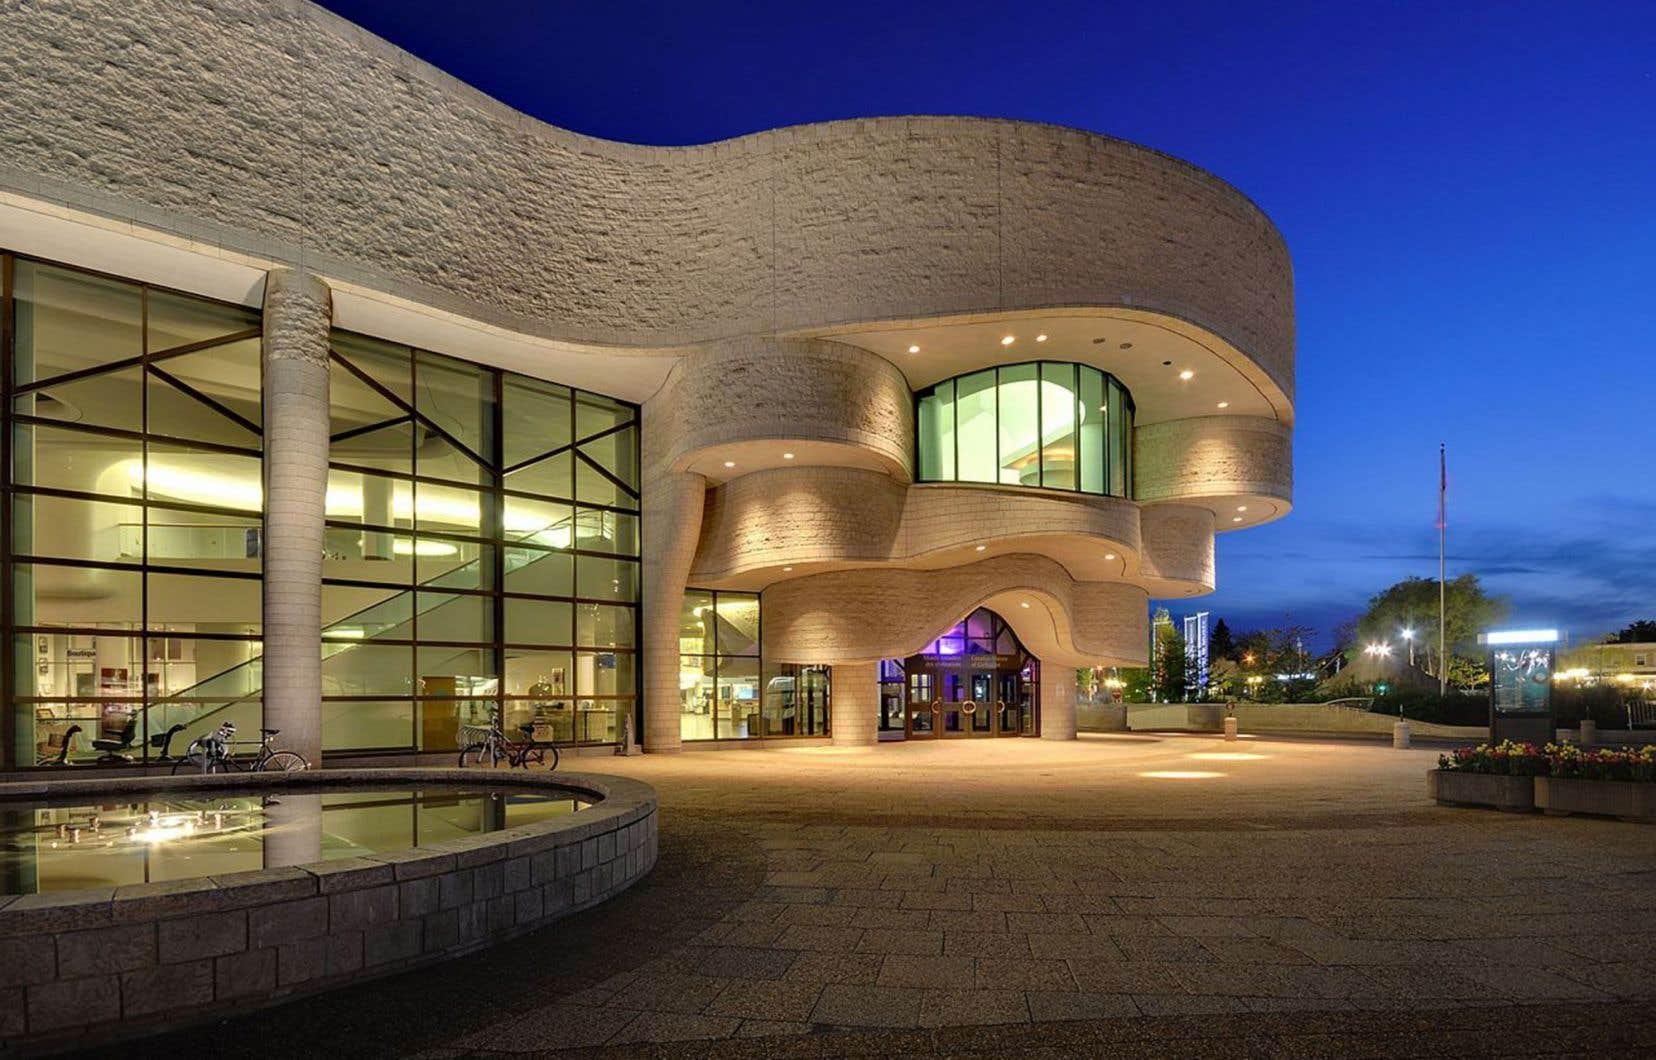 Le musée a alloué 503 076 $ à divers contrats, dont l'un d'entre eux à une compagnie de design pour se doter d'une nouvelle identité visuelle.